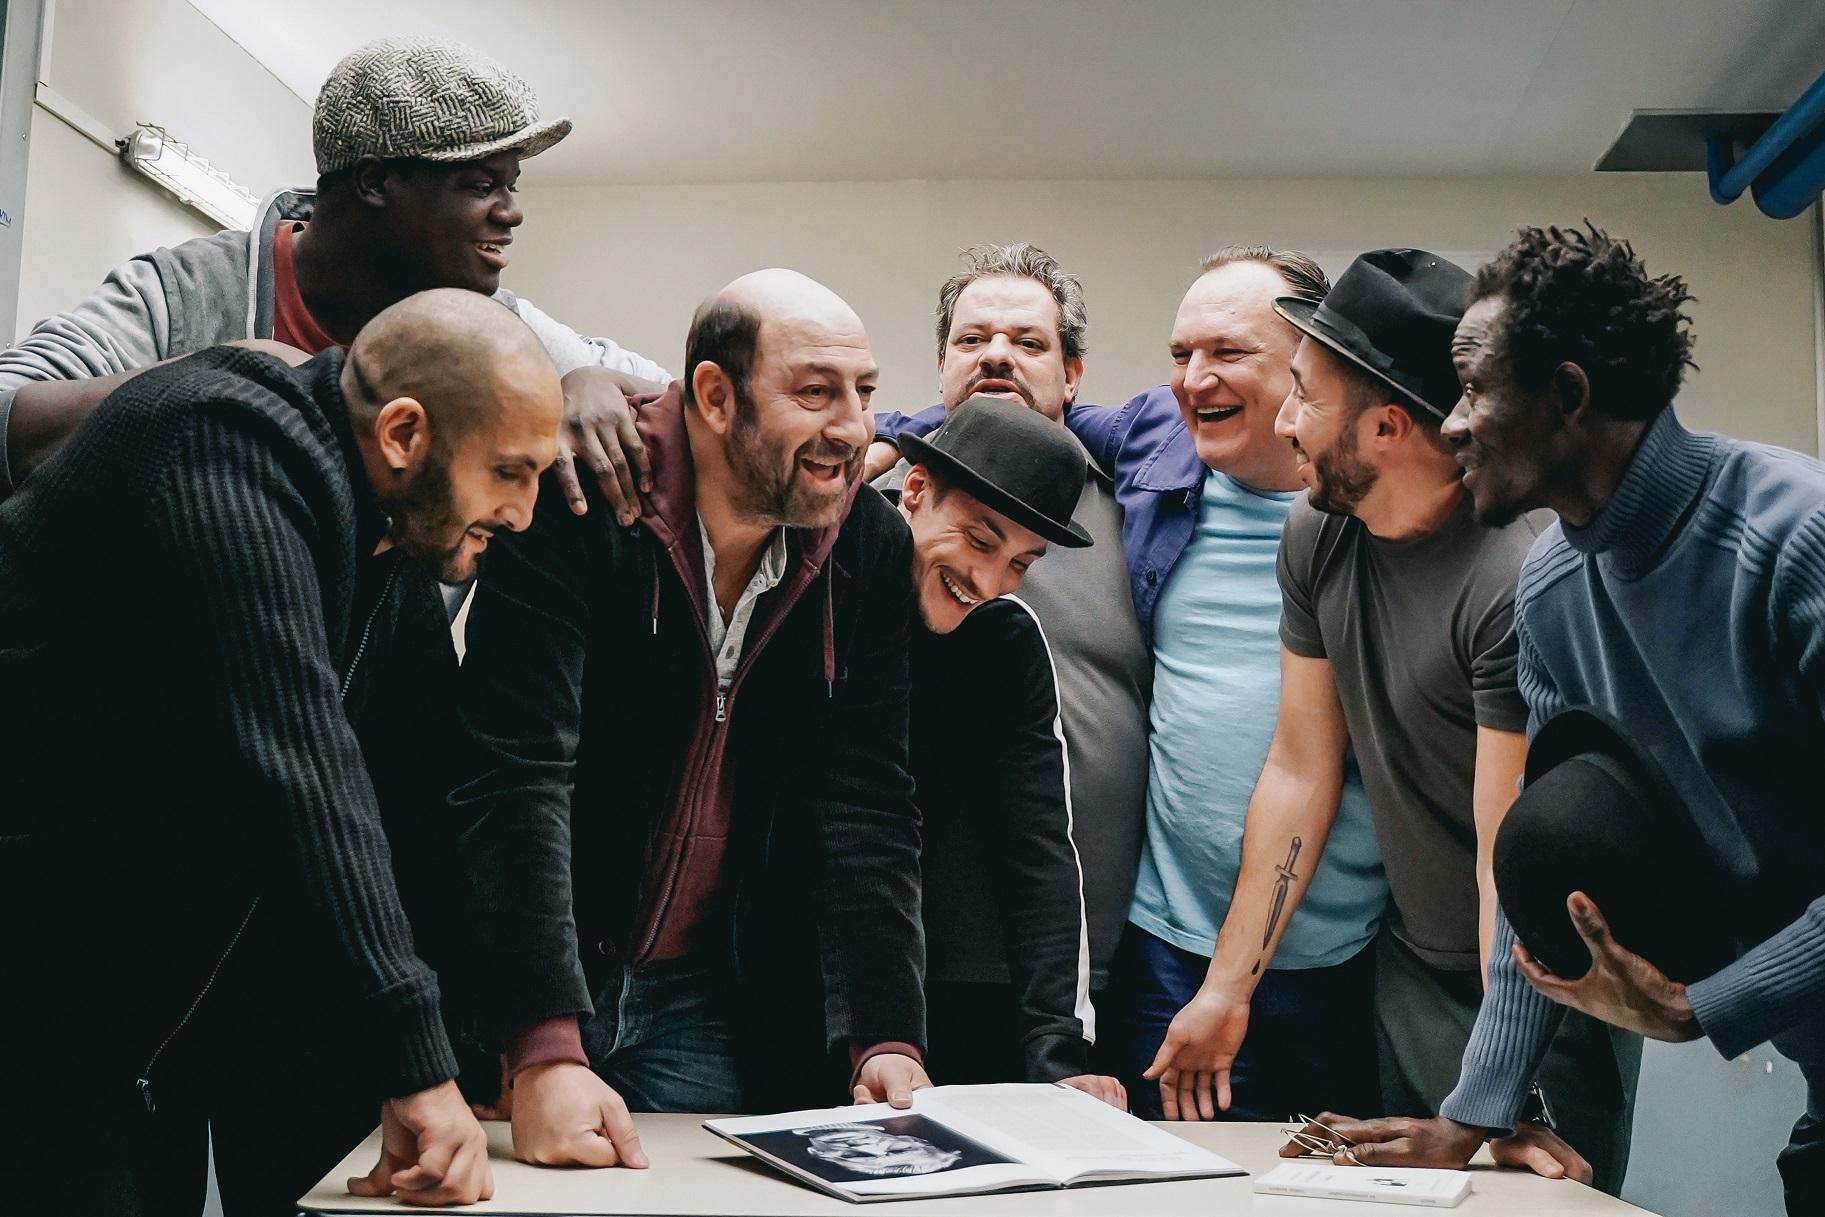 The Big Hit [Un triomphe] — Alliance Française French Film Festival 2021